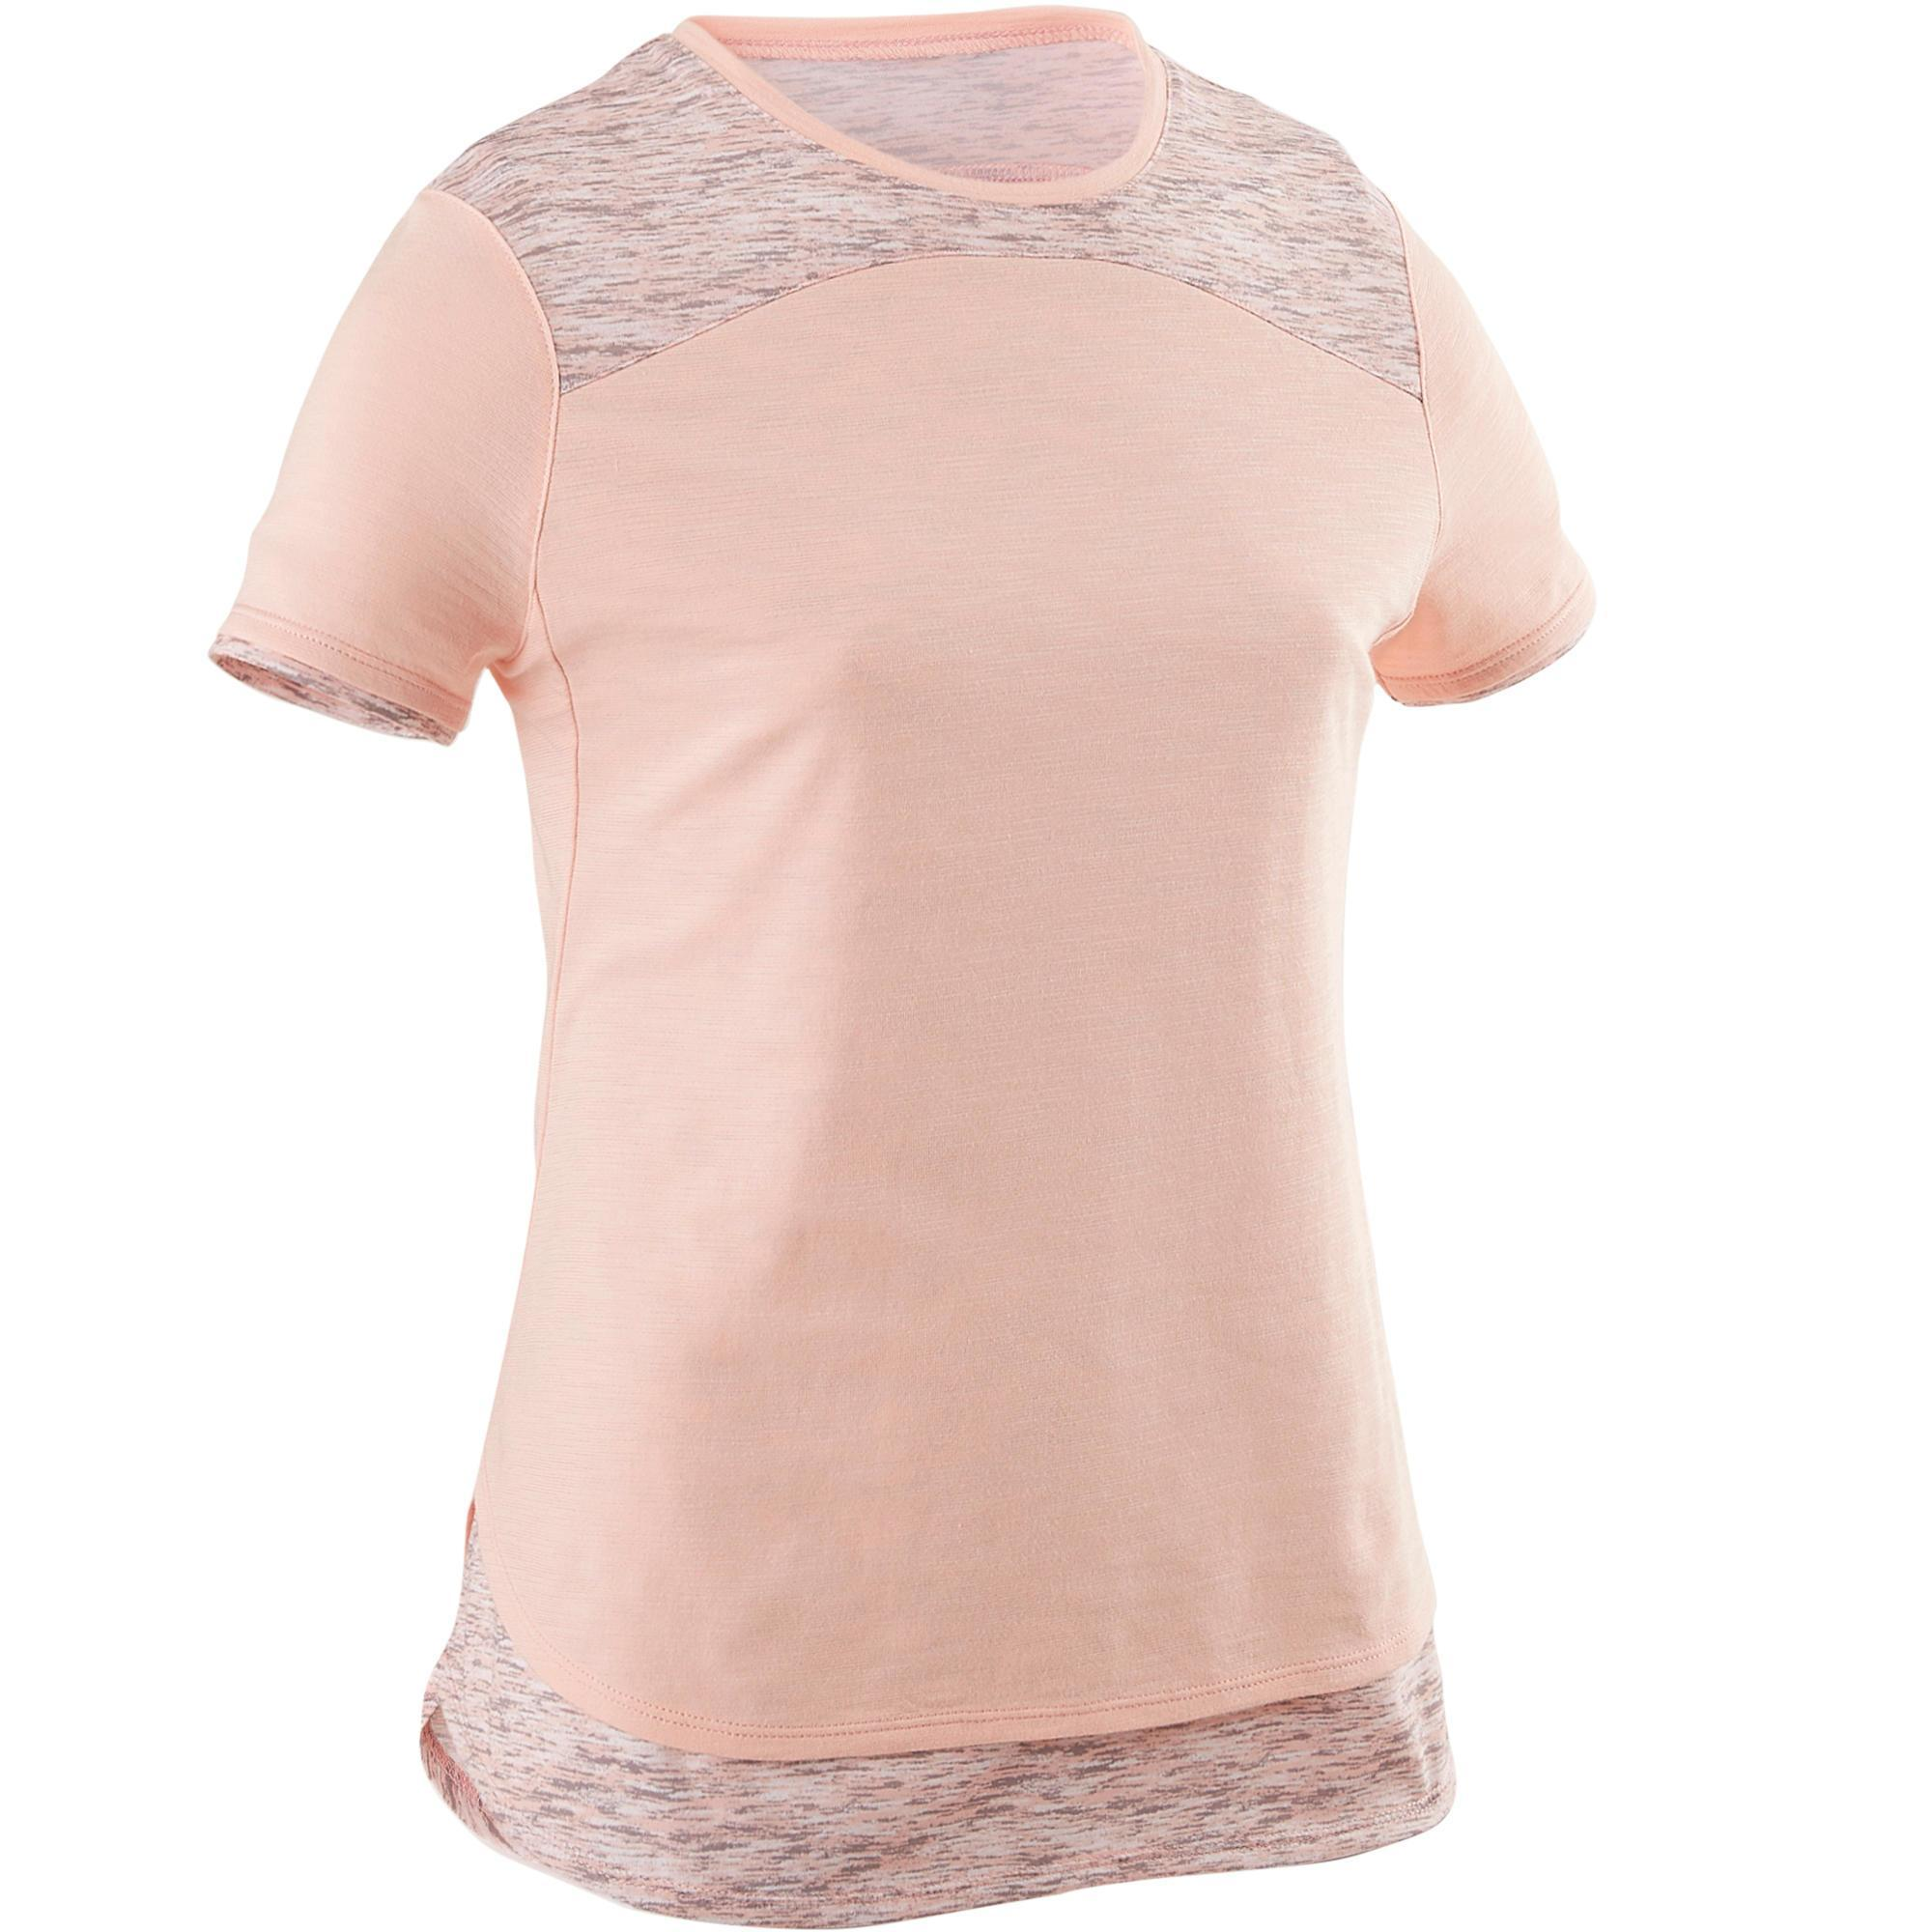 Domyos T-shirt korte mouwen ademend katoen 500 meisjes GYM KINDEREN roze AOP